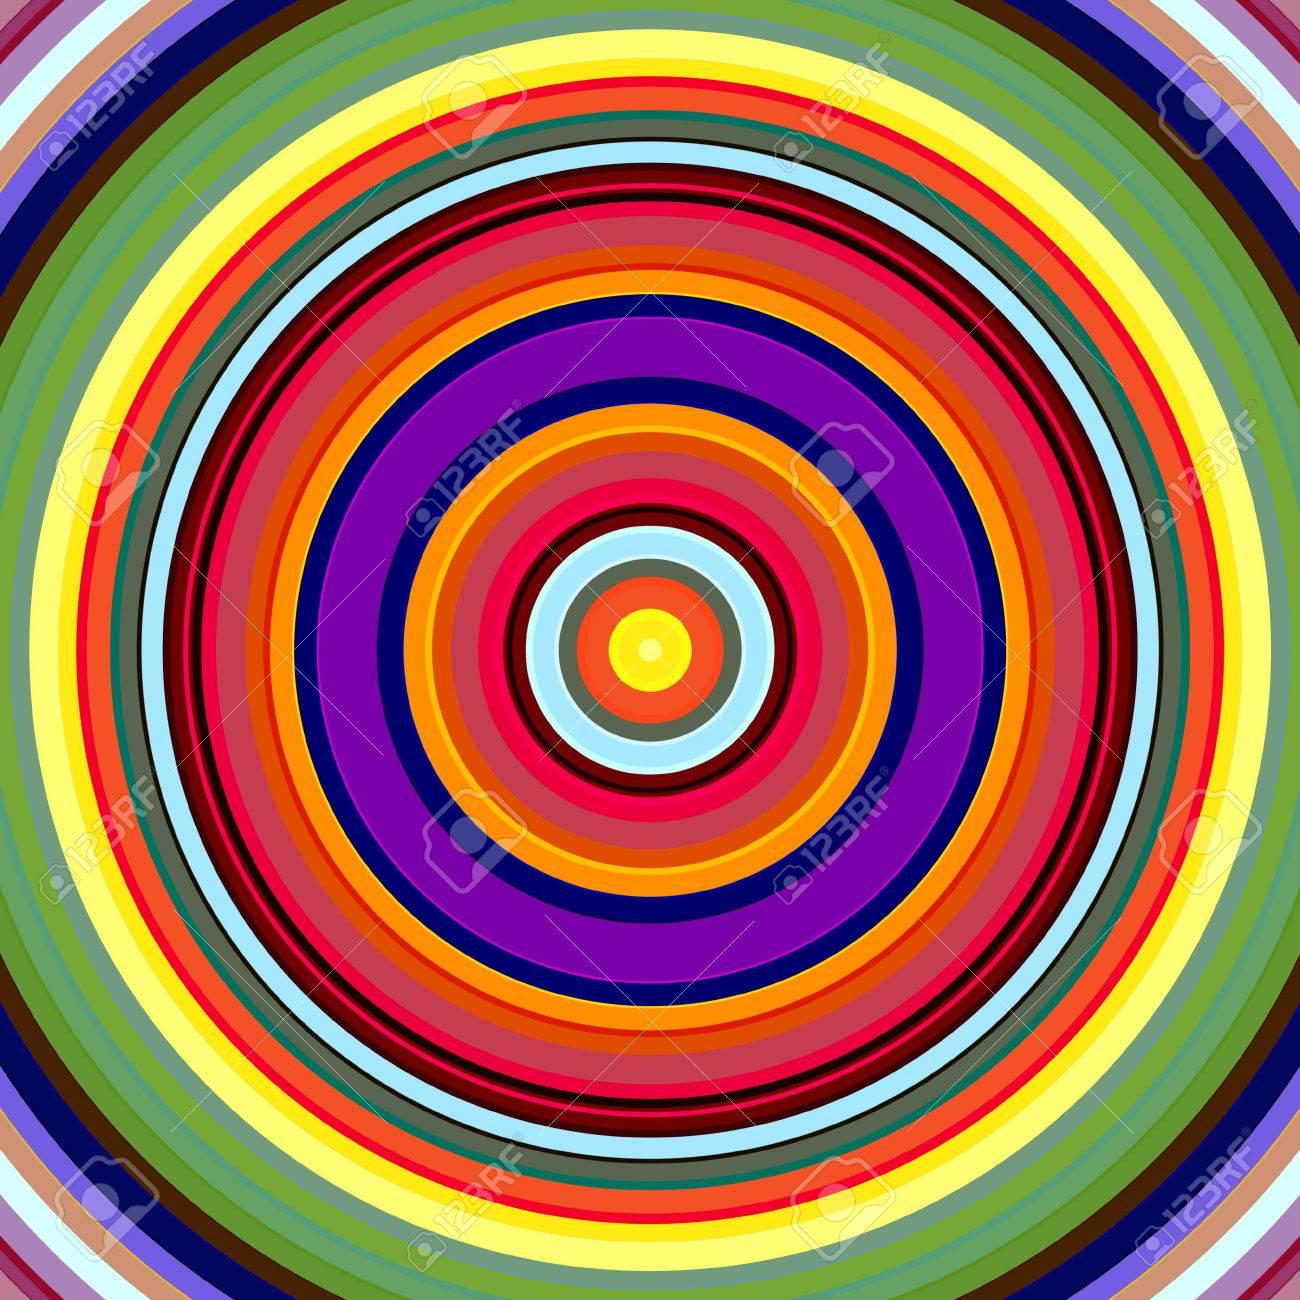 leuchtende krftige farben kreise muster illustration lizenzfreie bilder 23132521 - Rentabilittsvorschau Muster